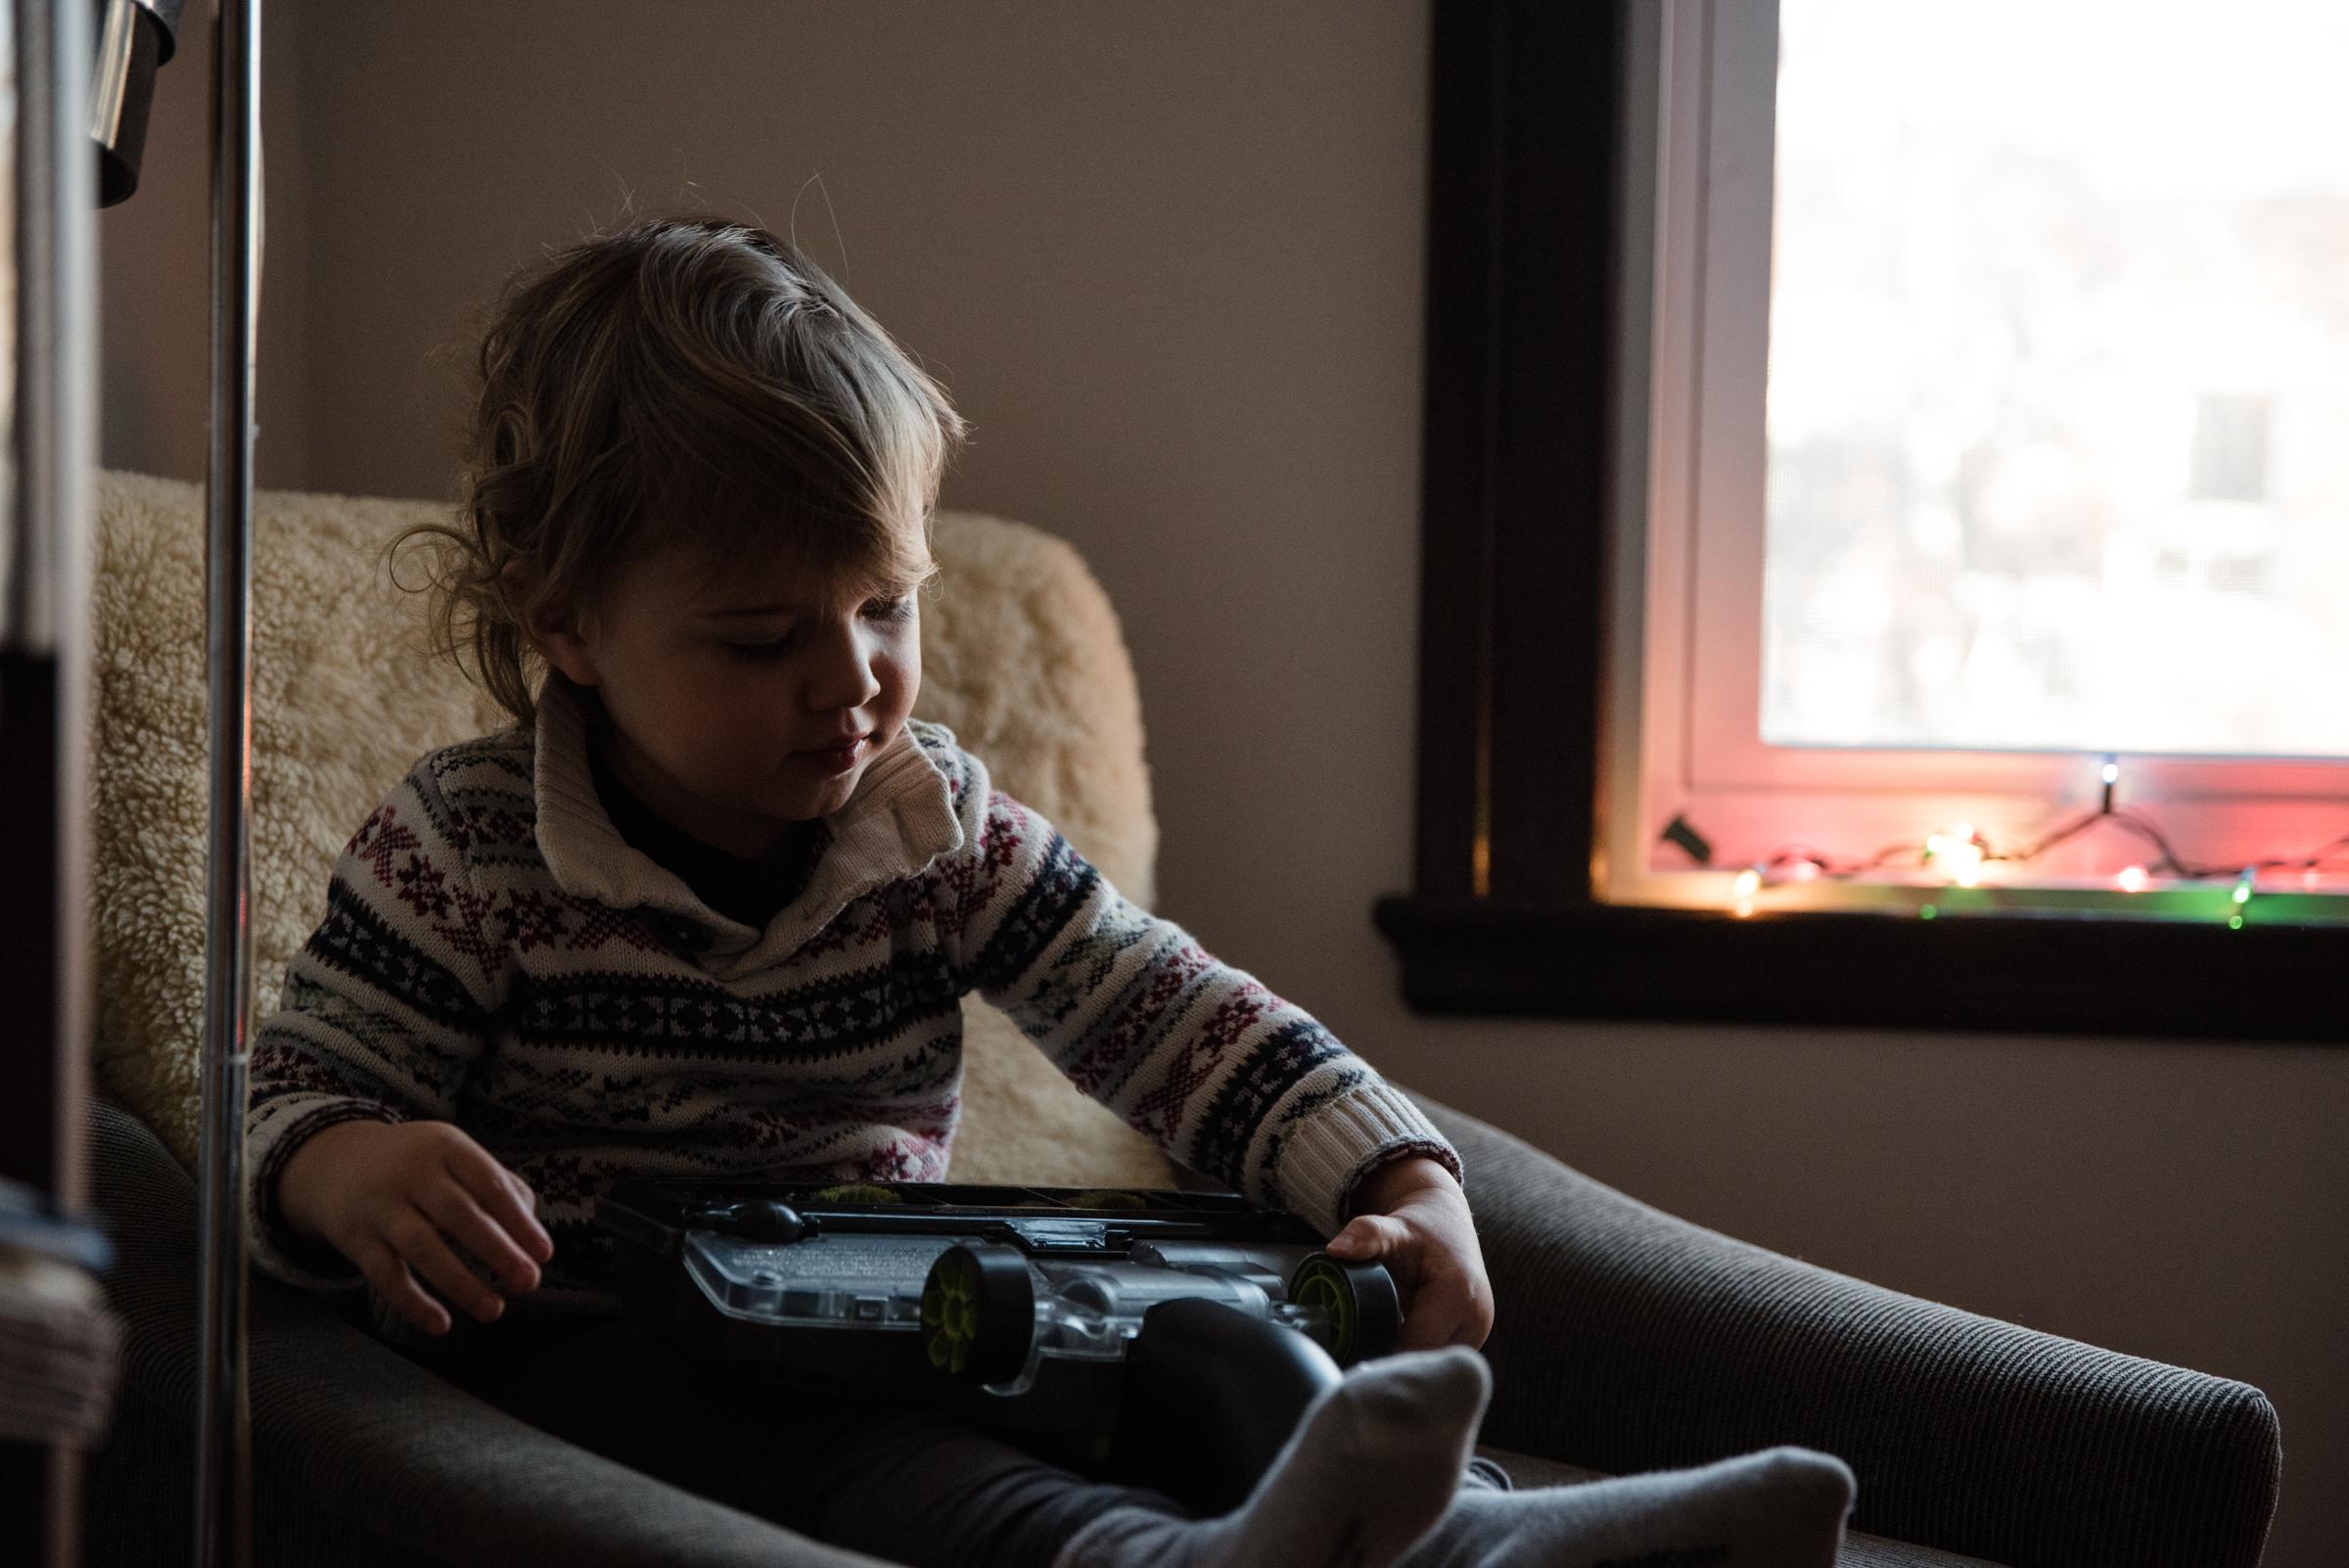 013-photo-d-un-enfant-qui-joue-avec-la-tete-dune-balayeuse-a-tapis-photographe-lifestyle-famille-a-montreal-1225.jpg